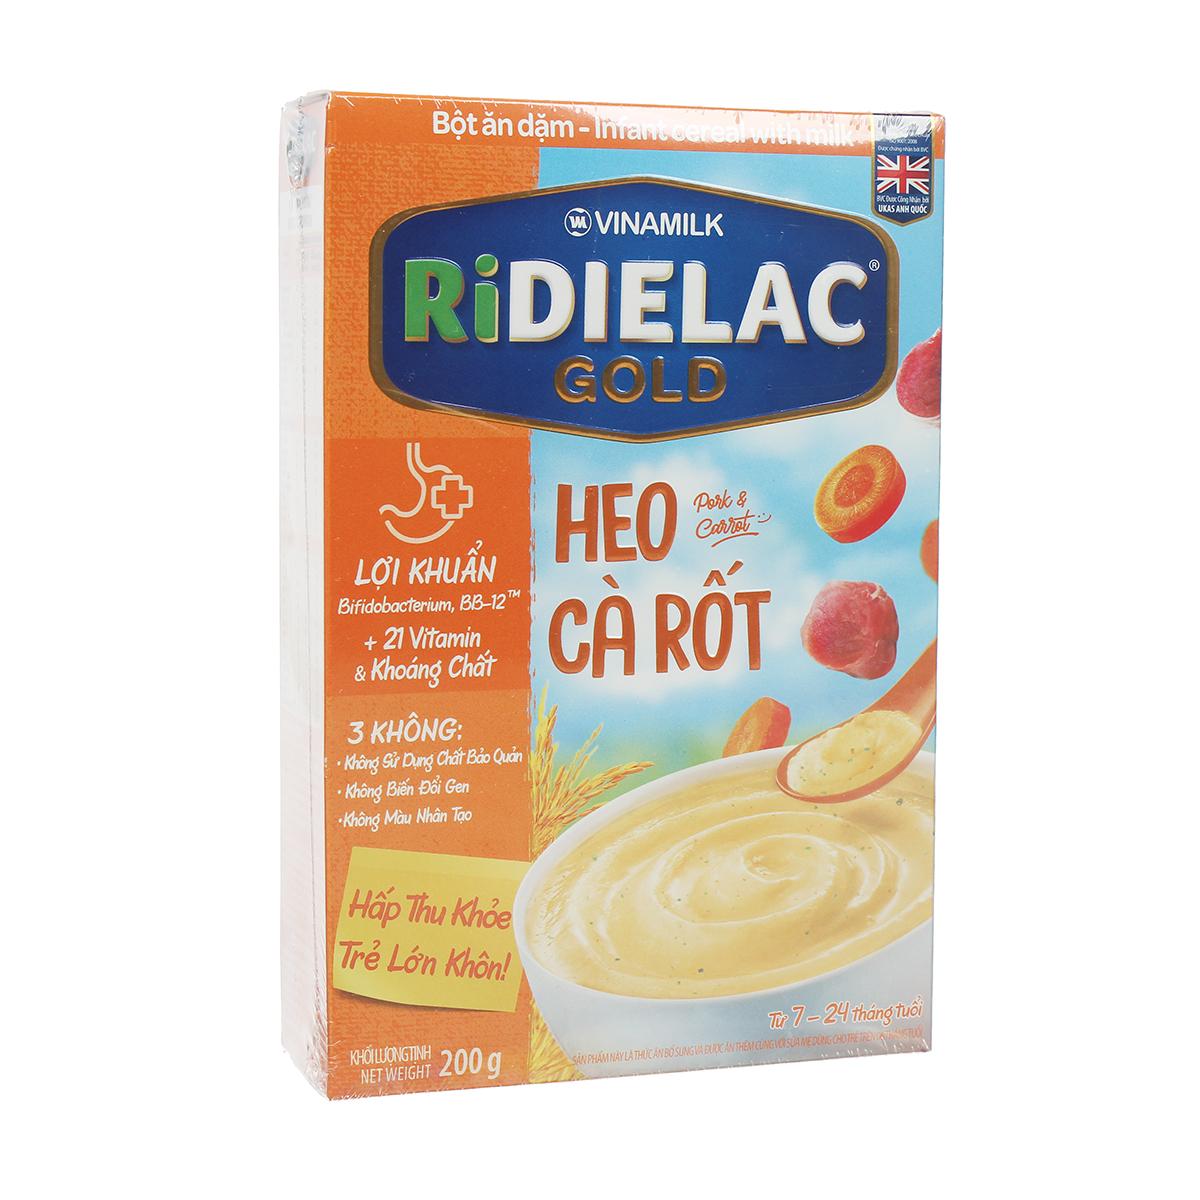 Bột ăn dặm Ridielac Gold vị heo cà rốt 200g